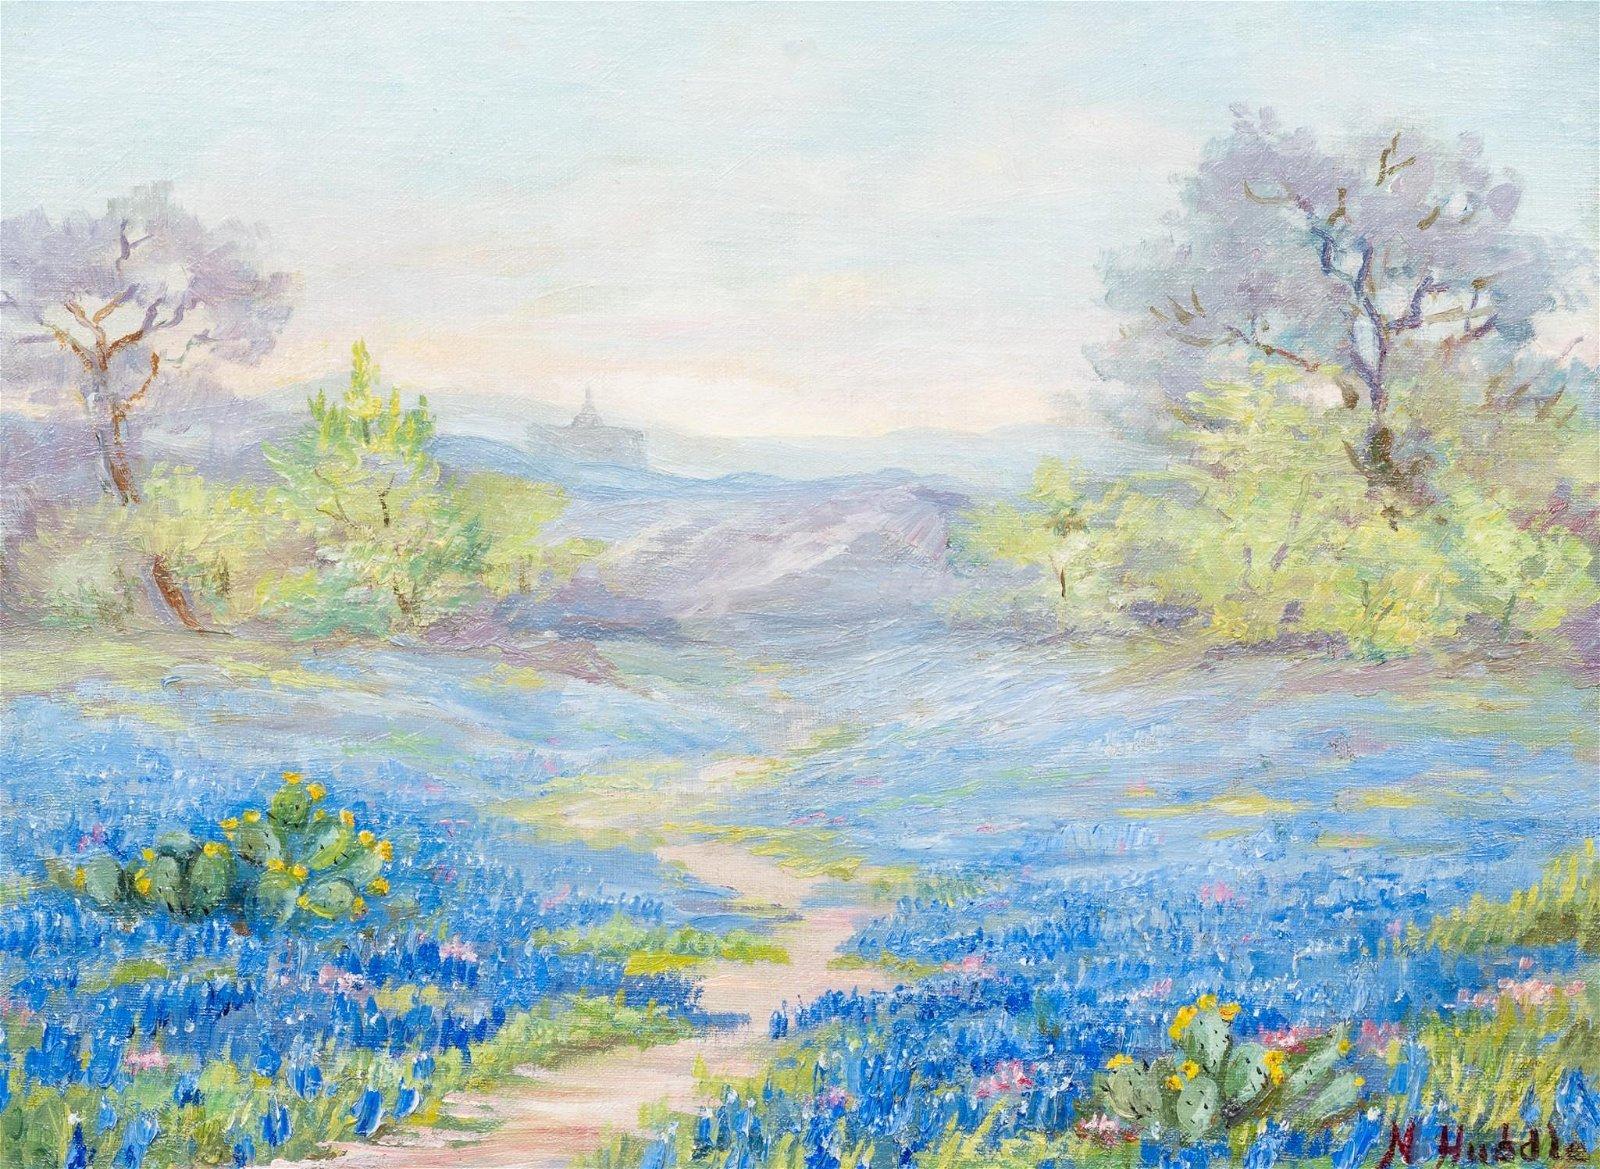 Nannie Huddle (1860-1951), Bluebonnets, Austin, oil